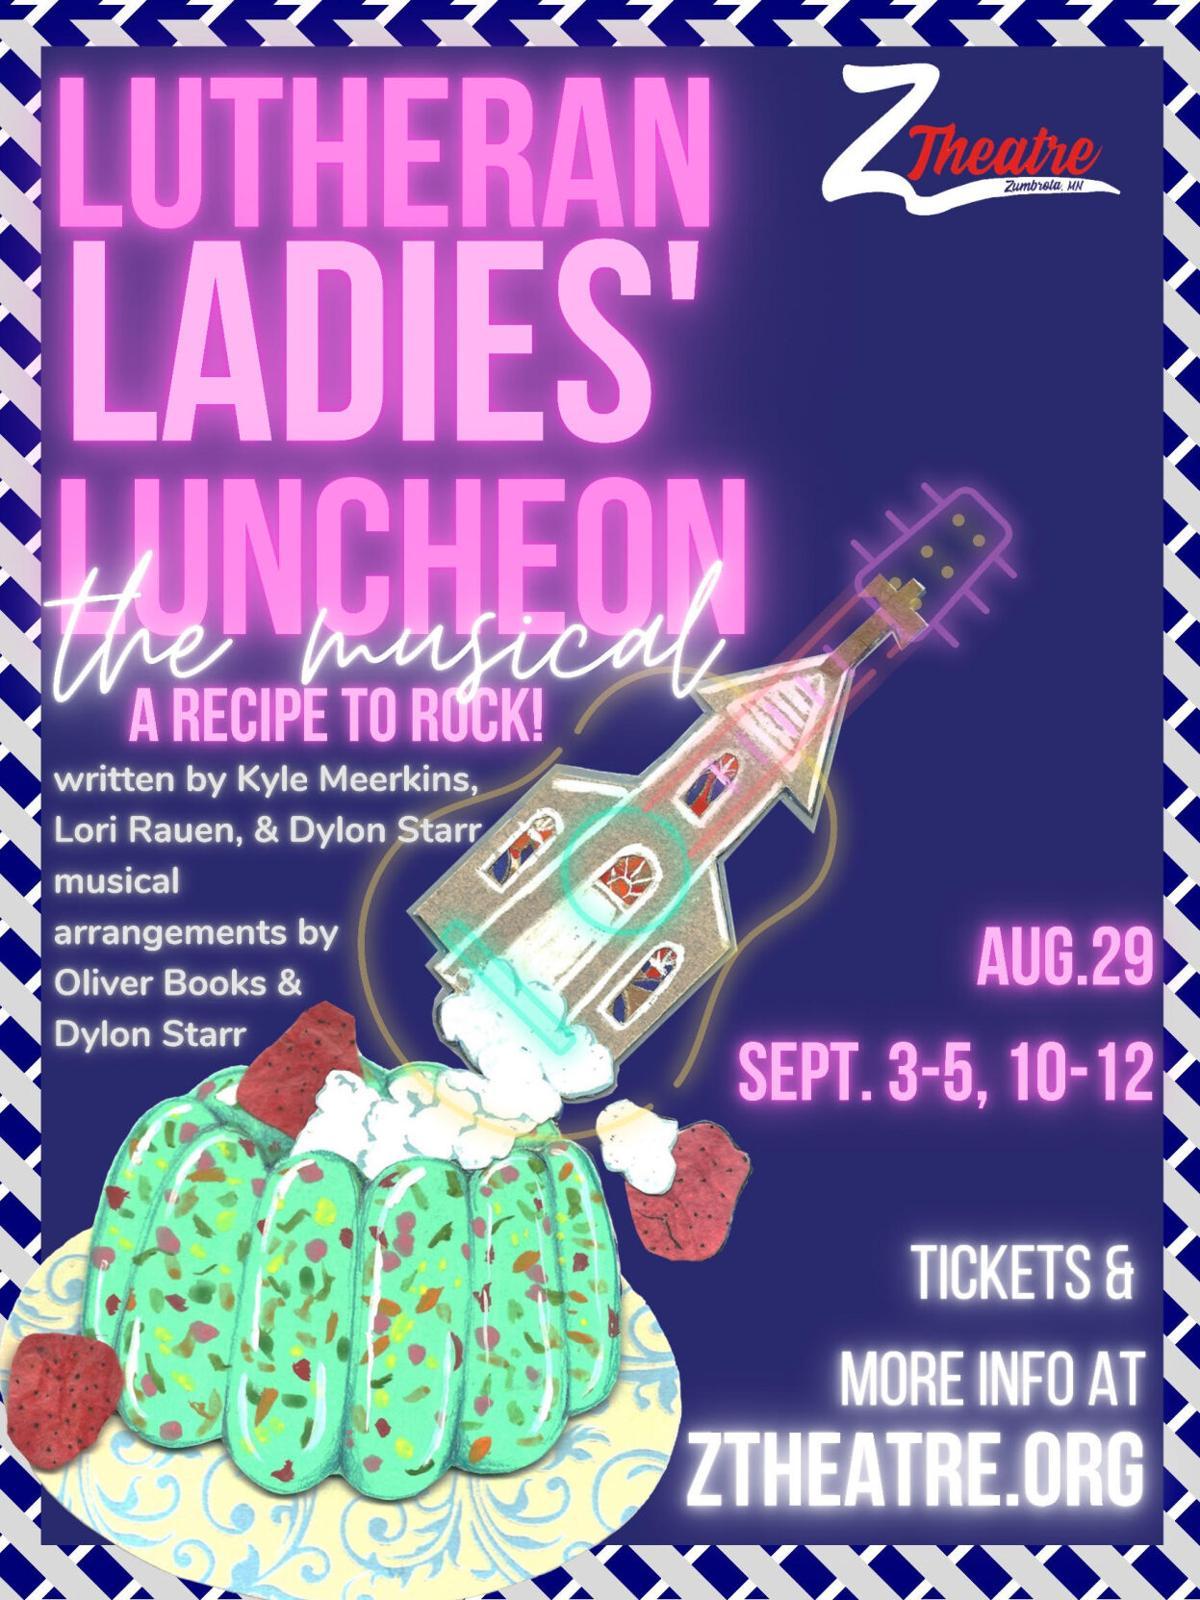 Ladies Luncheon Flyer